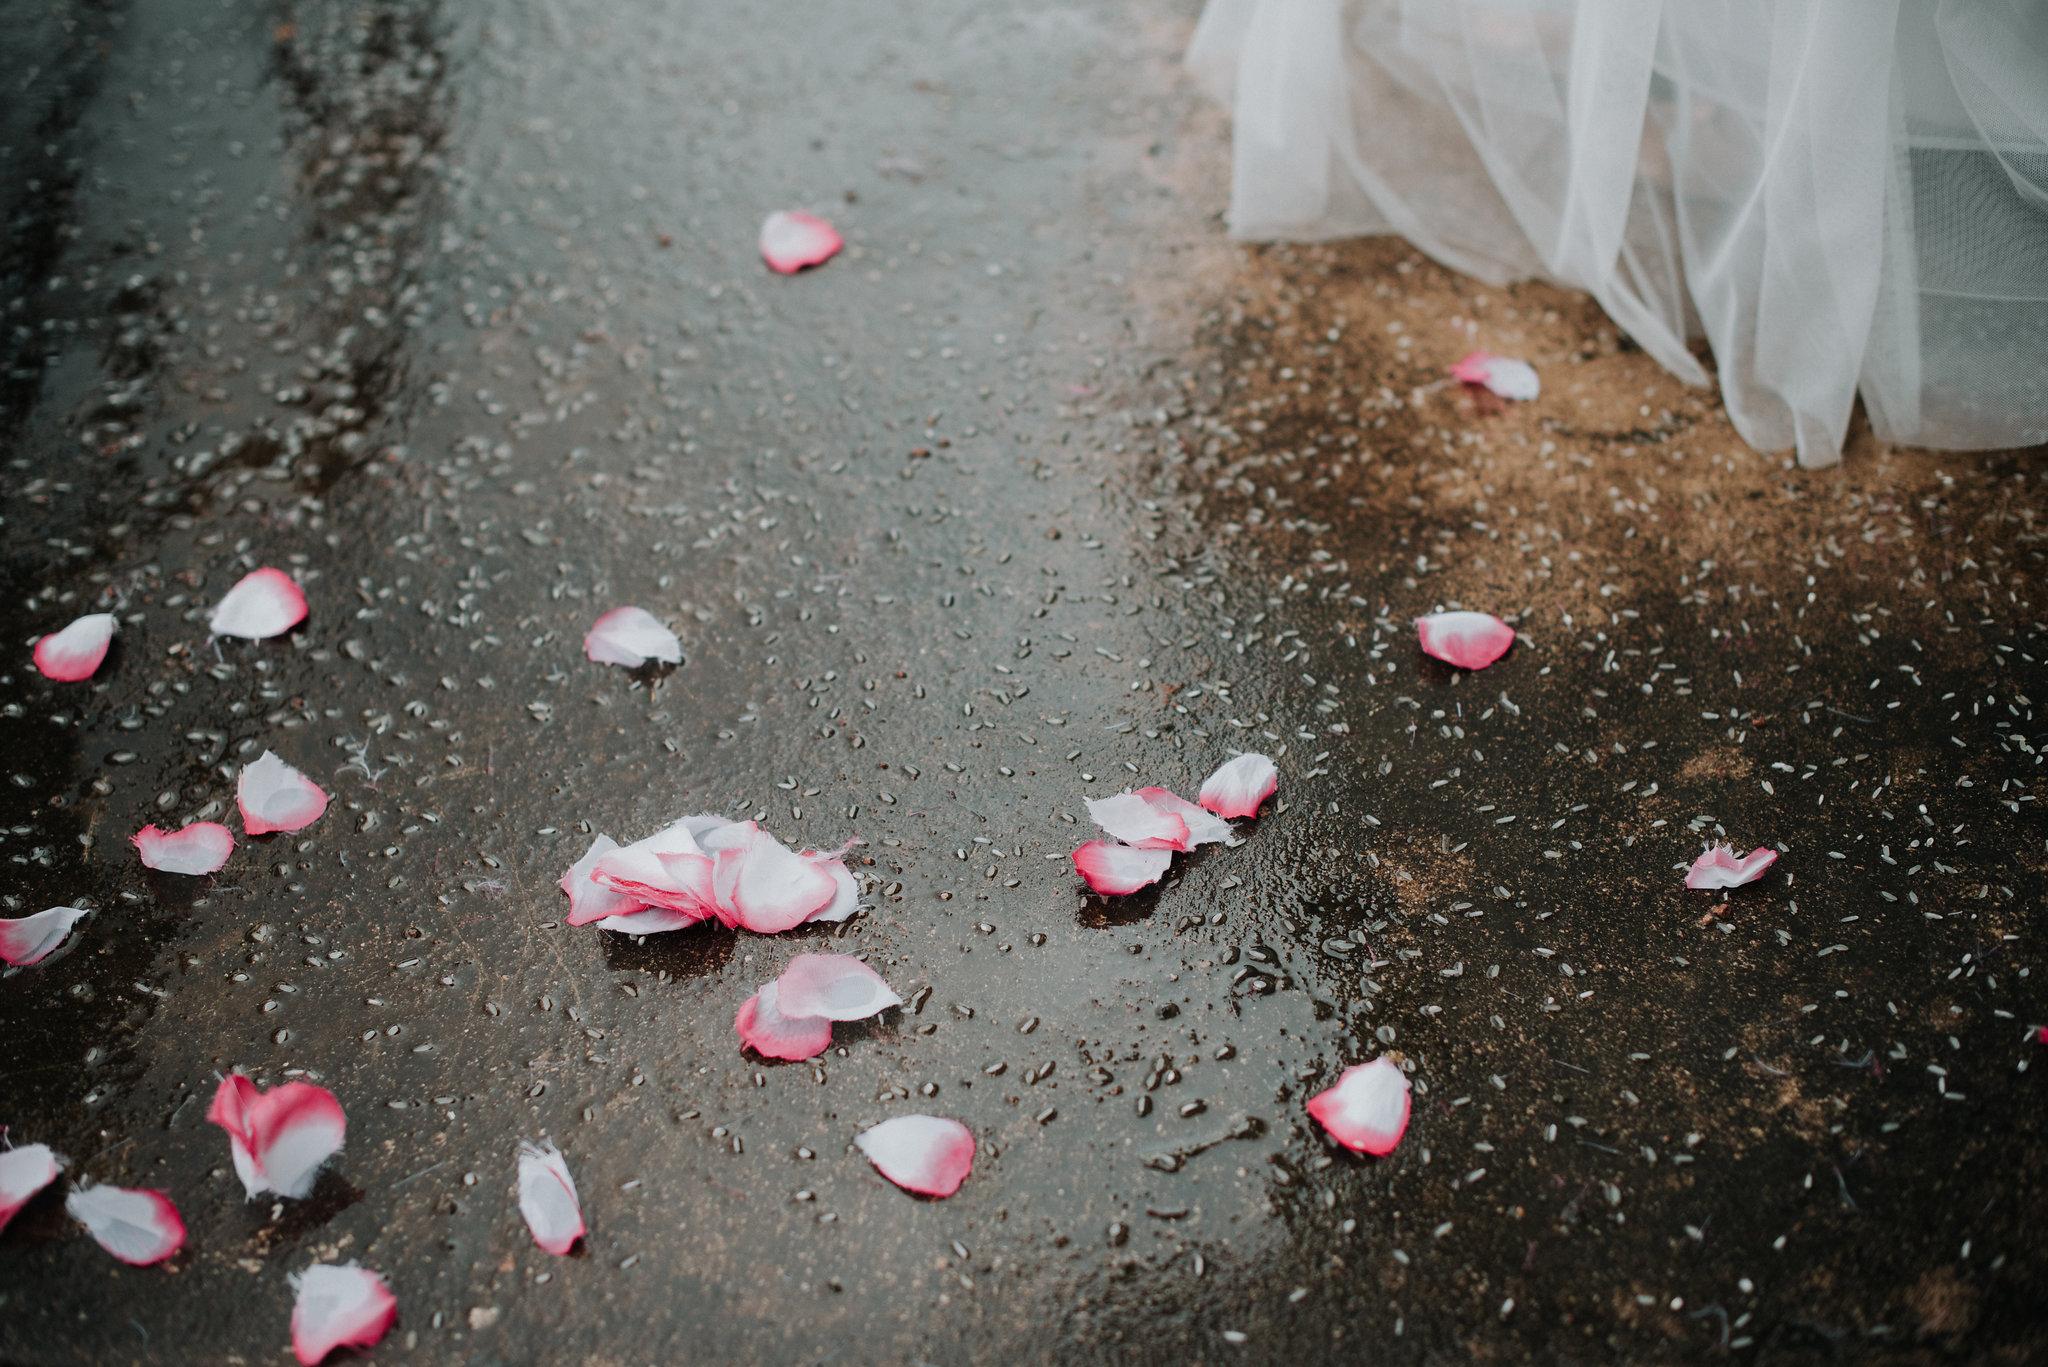 Léa-Fery-photographe-professionnel-lyon-rhone-alpes-portrait-creation-mariage-evenement-evenementiel-famille-2060.jpg